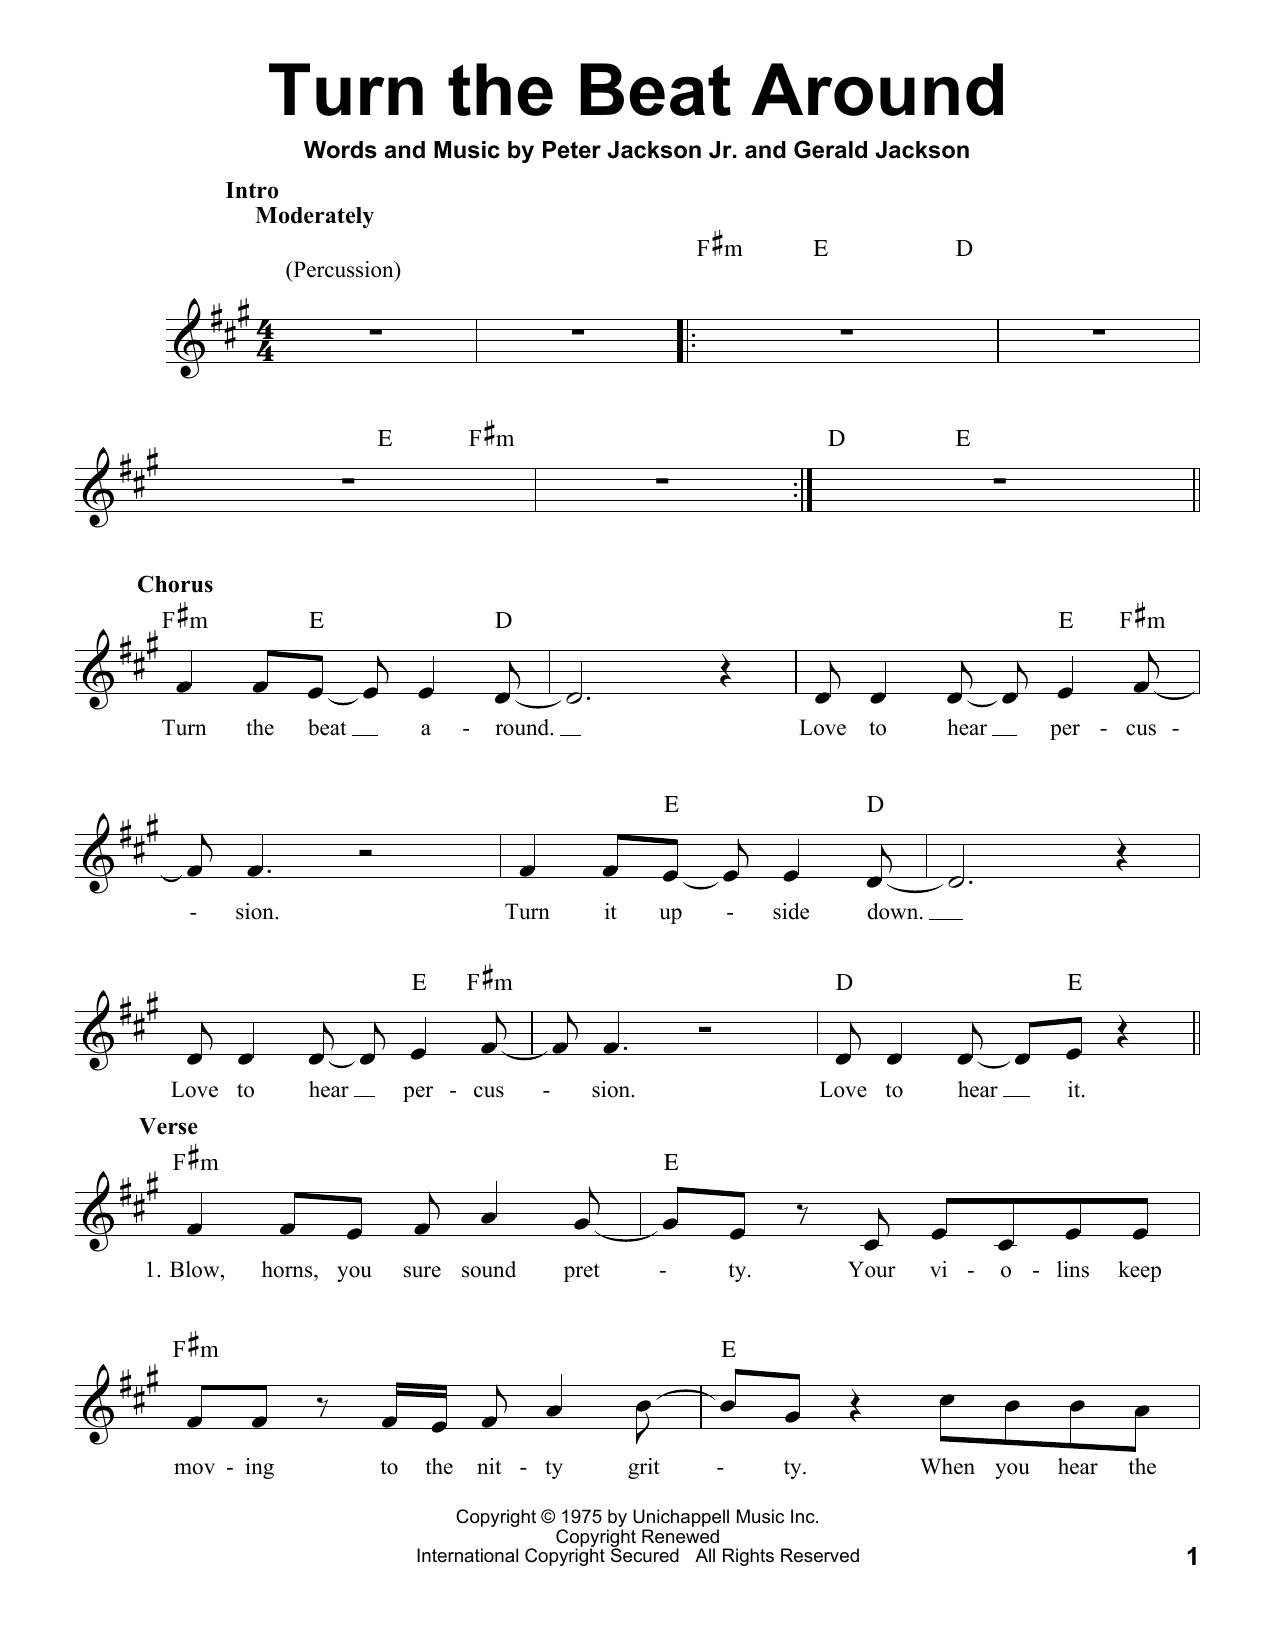 Turn The Beat Around (Pro Vocal)